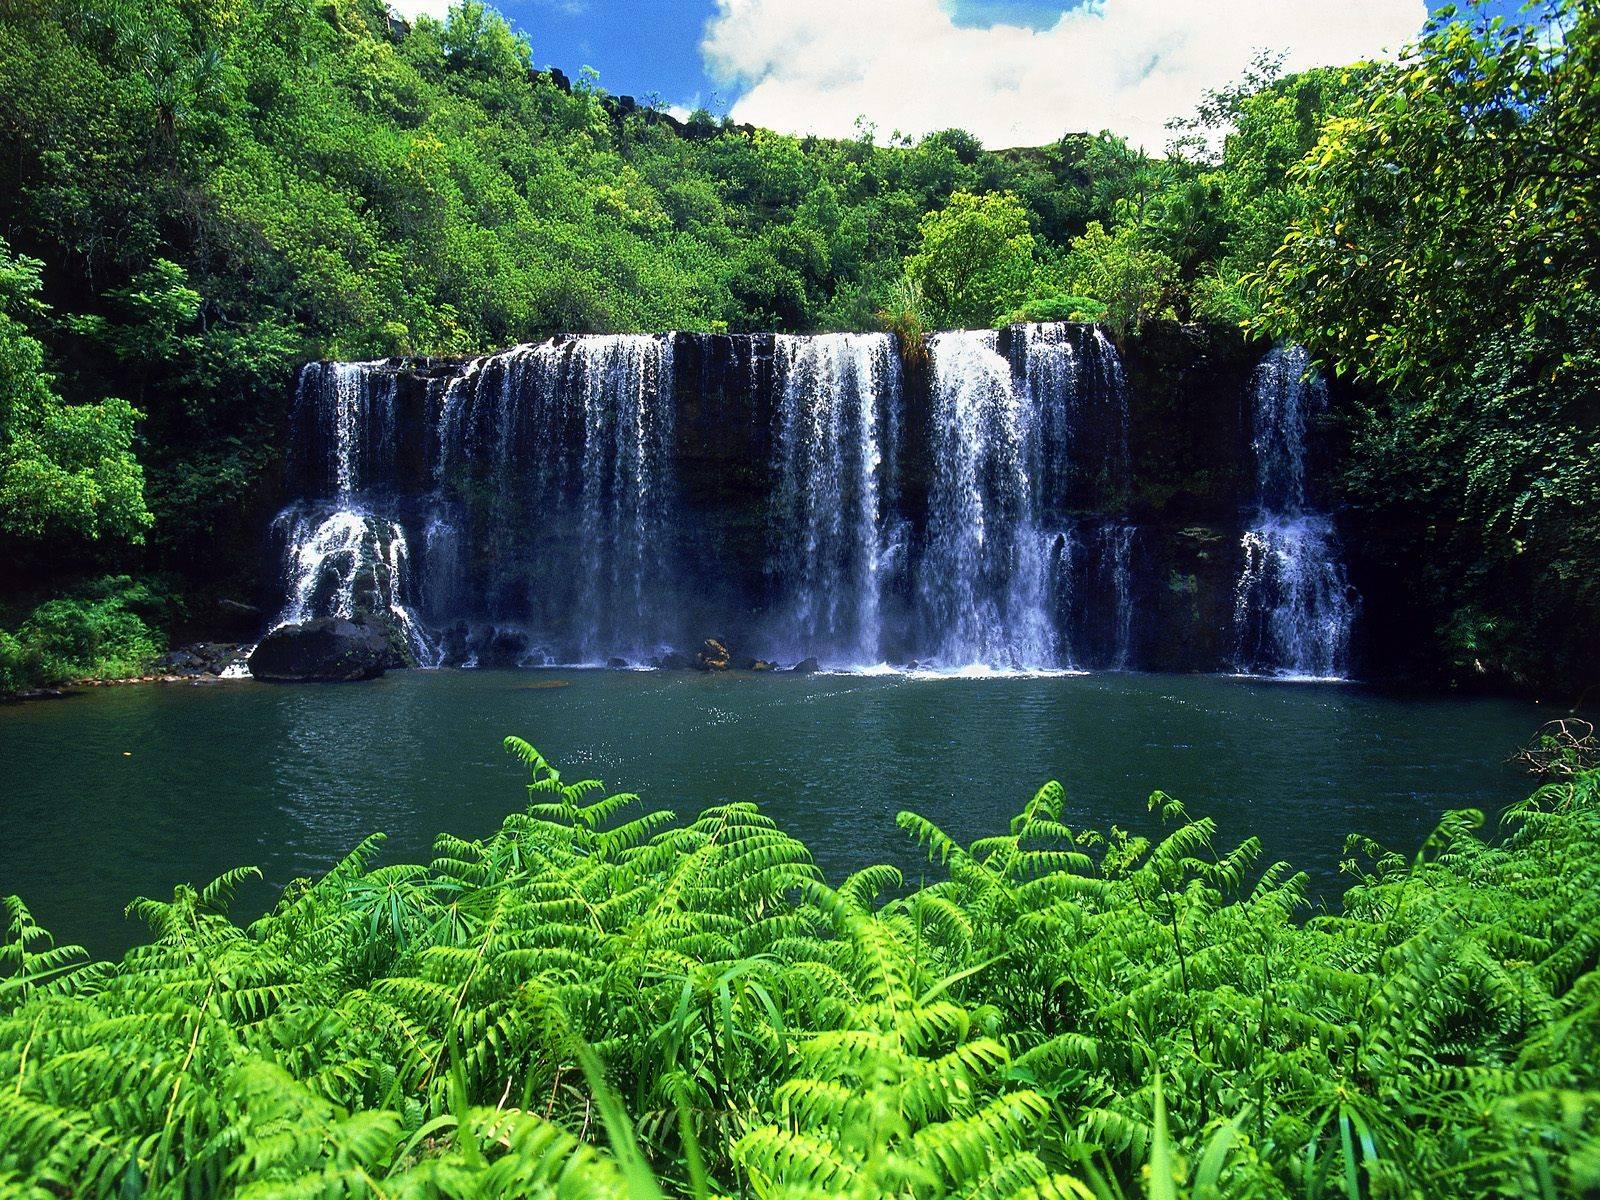 Cataratas en Kauai - Hawaii | De todo un poco...noticias ...